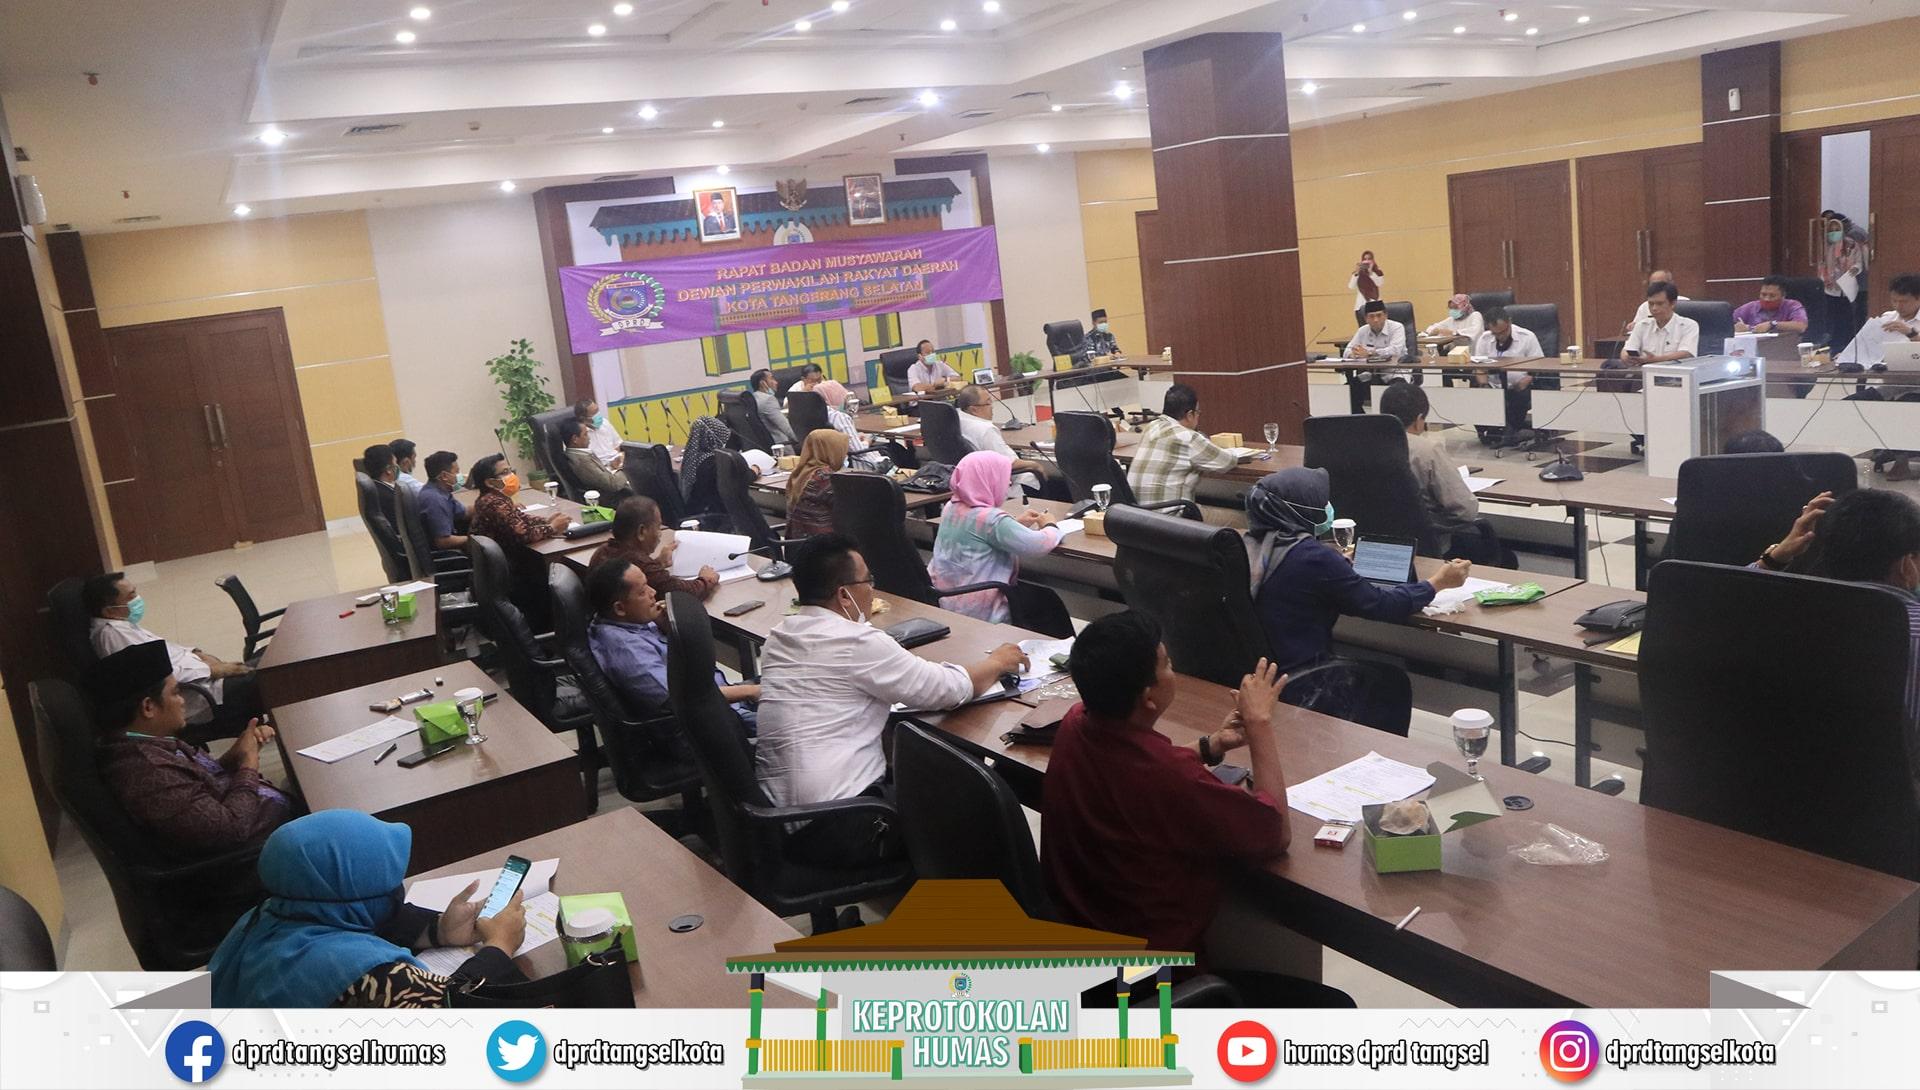 DPRD Tangsel melaksanakan Rapat Badan Musyawarah